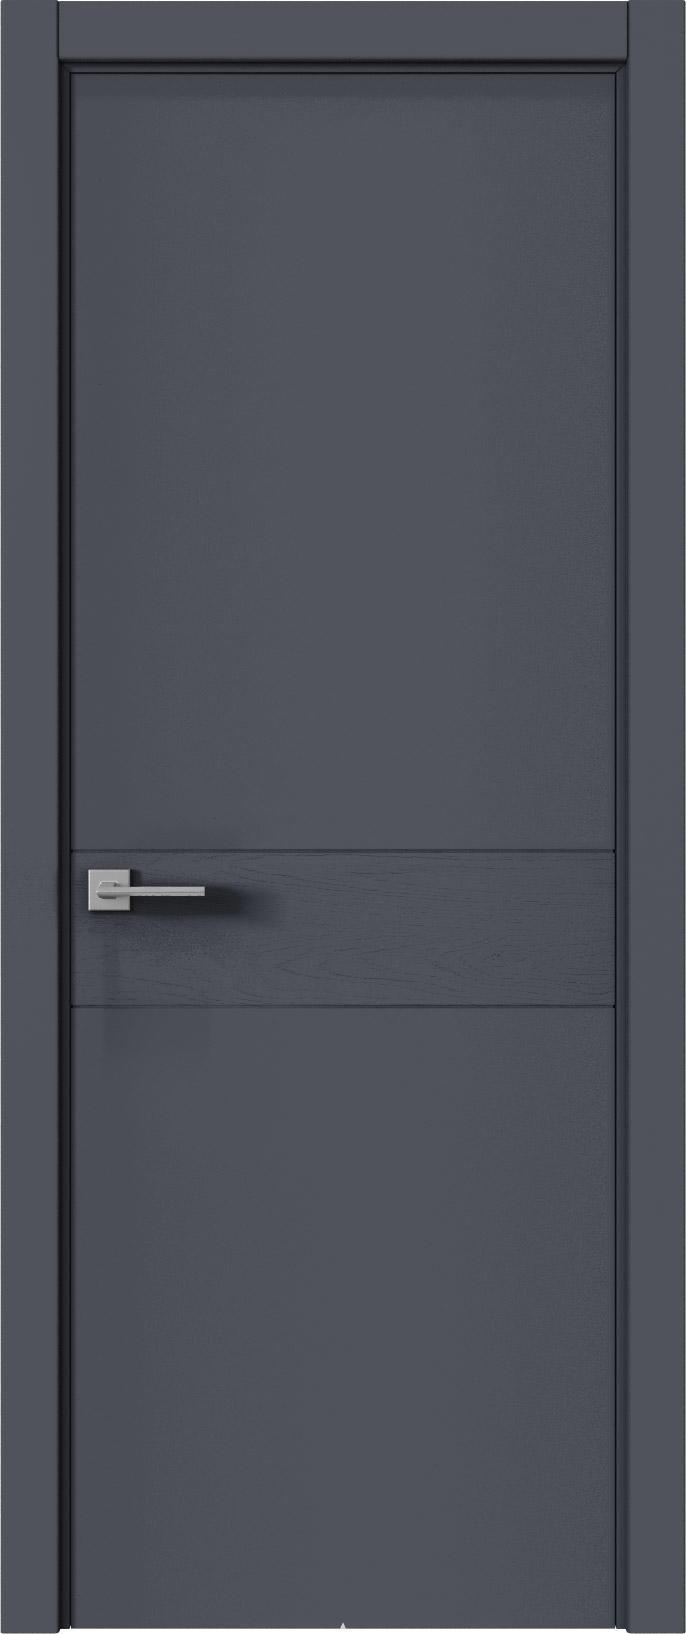 Tivoli И-2 цвет - Графитово-серая эмаль-эмаль по шпону (RAL 7024) Без стекла (ДГ)